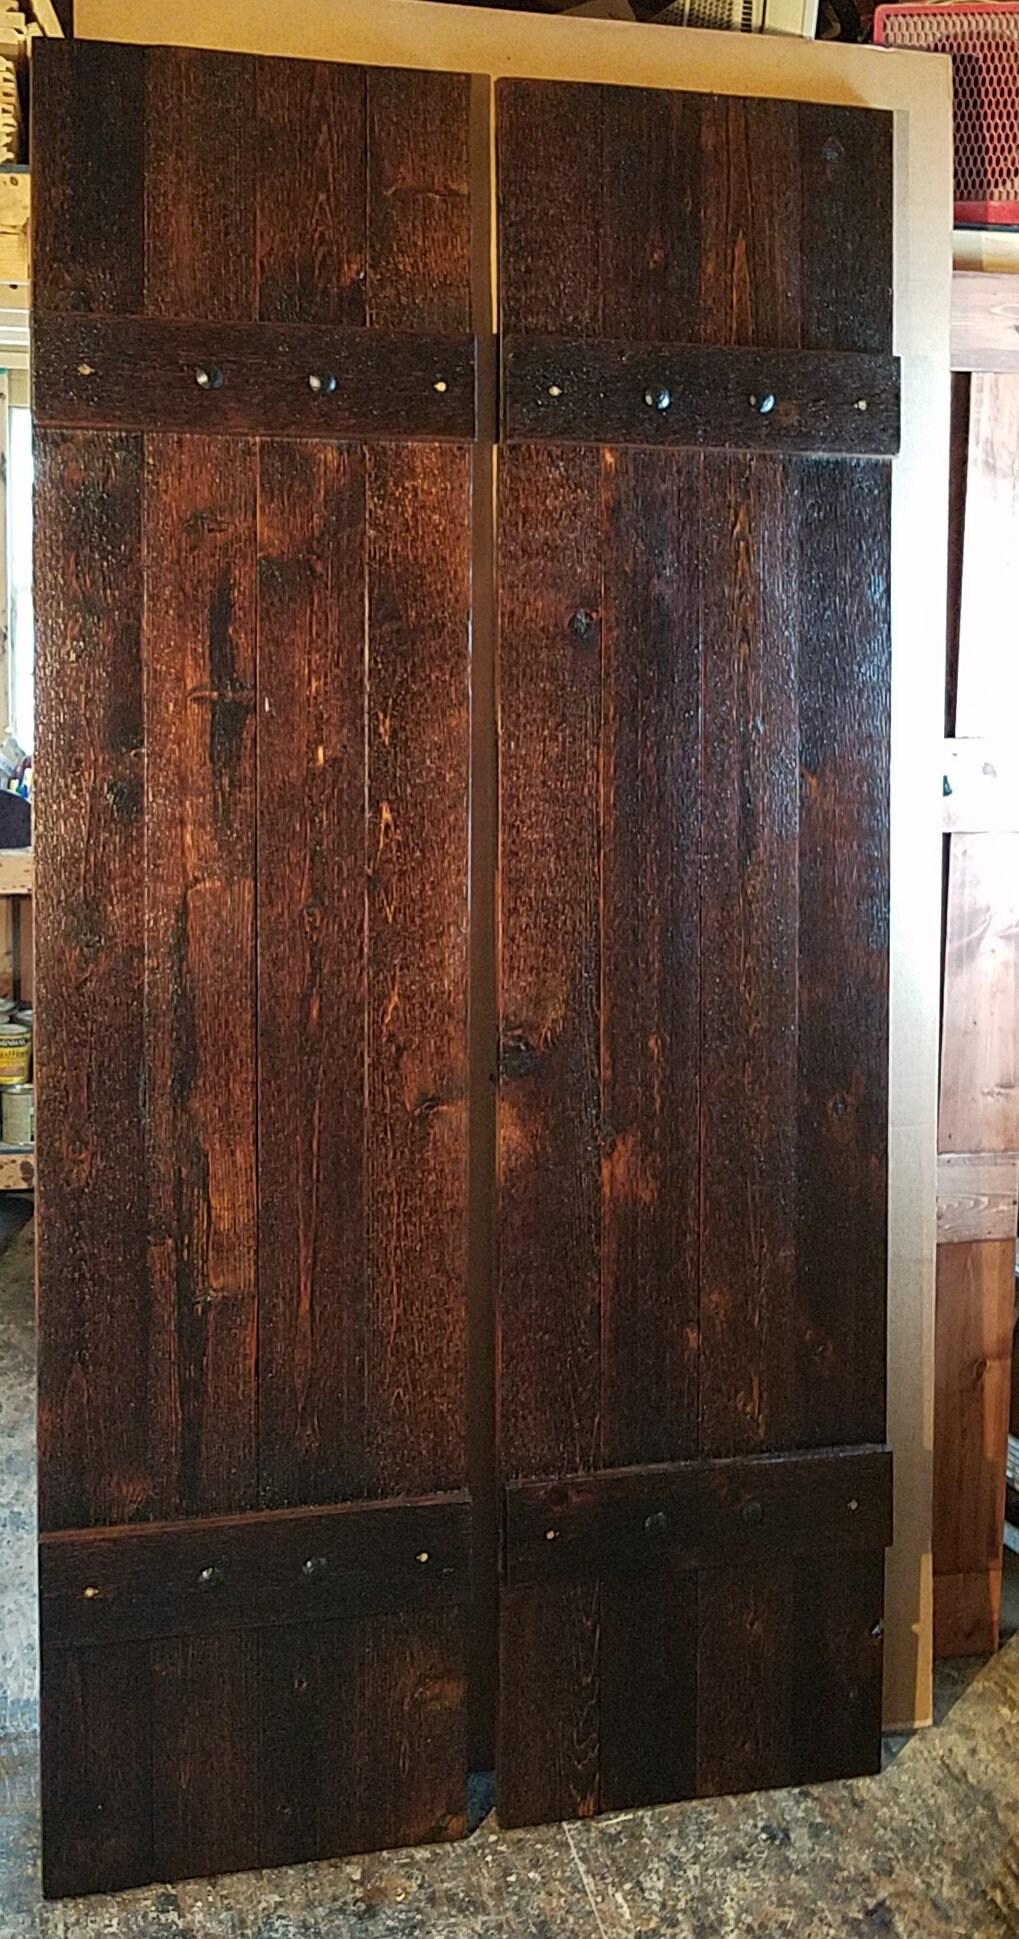 Rustic Cedar Shutters  Window Shutters  Primitive Shutters